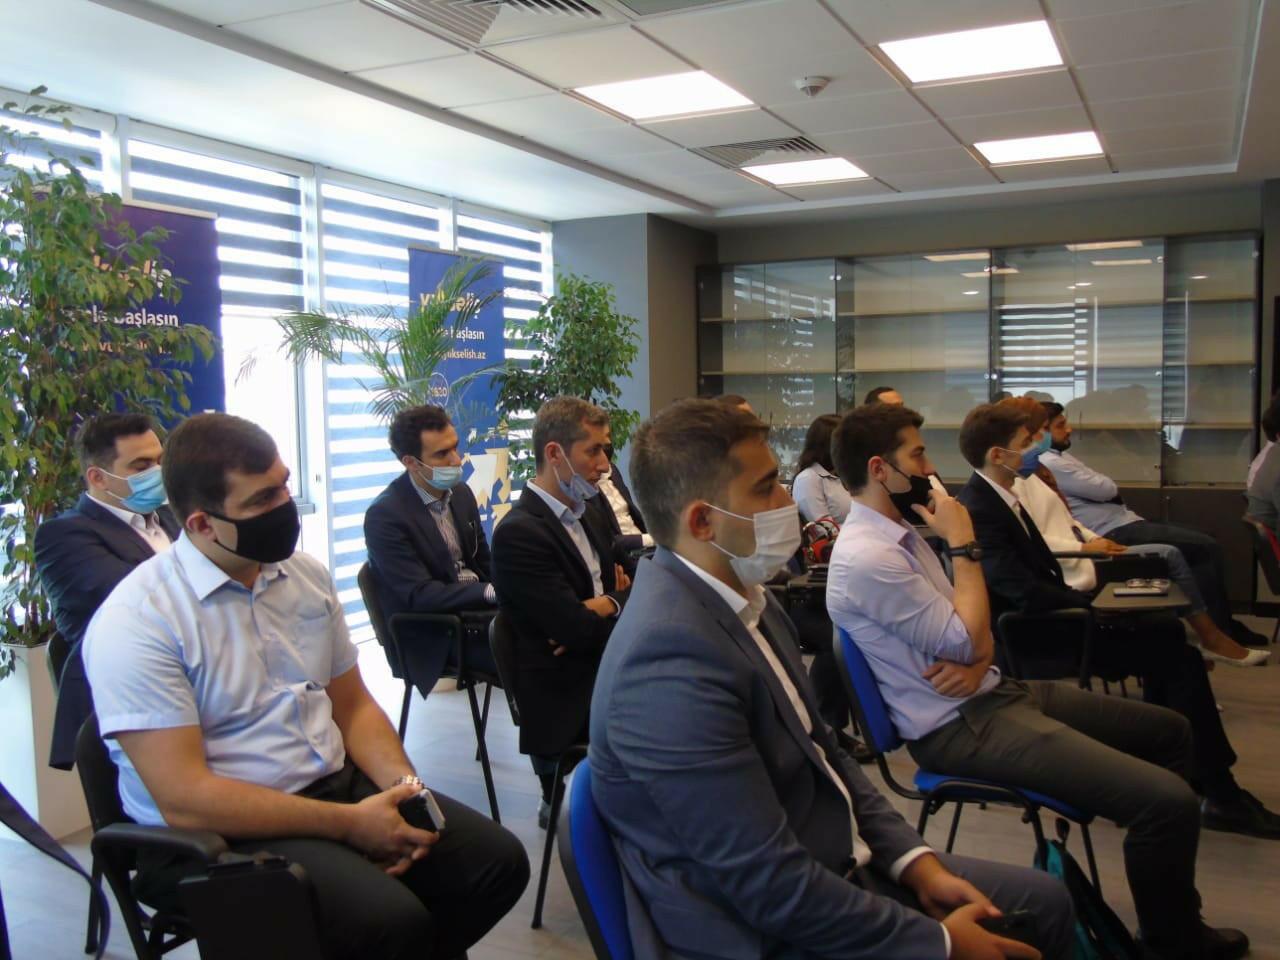 Рабочая группа конкурса Yüksəliş провела встречу с победителями